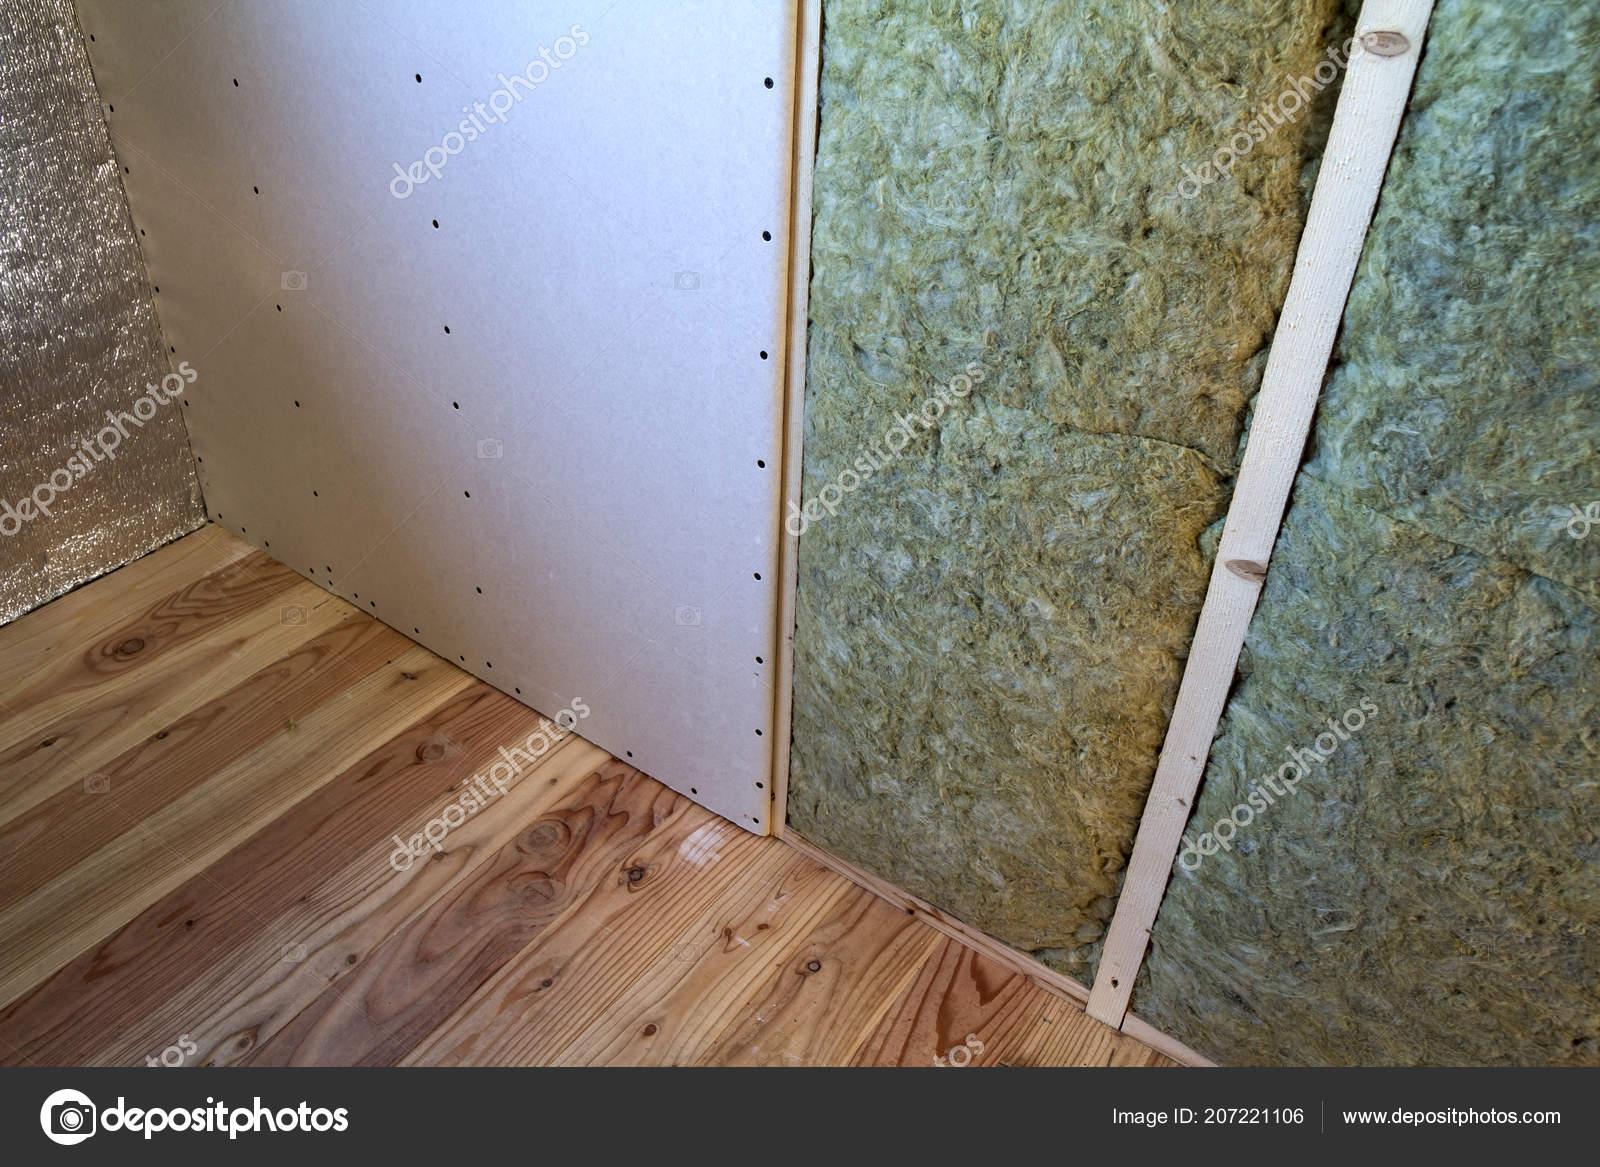 Holzrahmen Für Zukünftige Wände Mit Gipskarton Platten ...